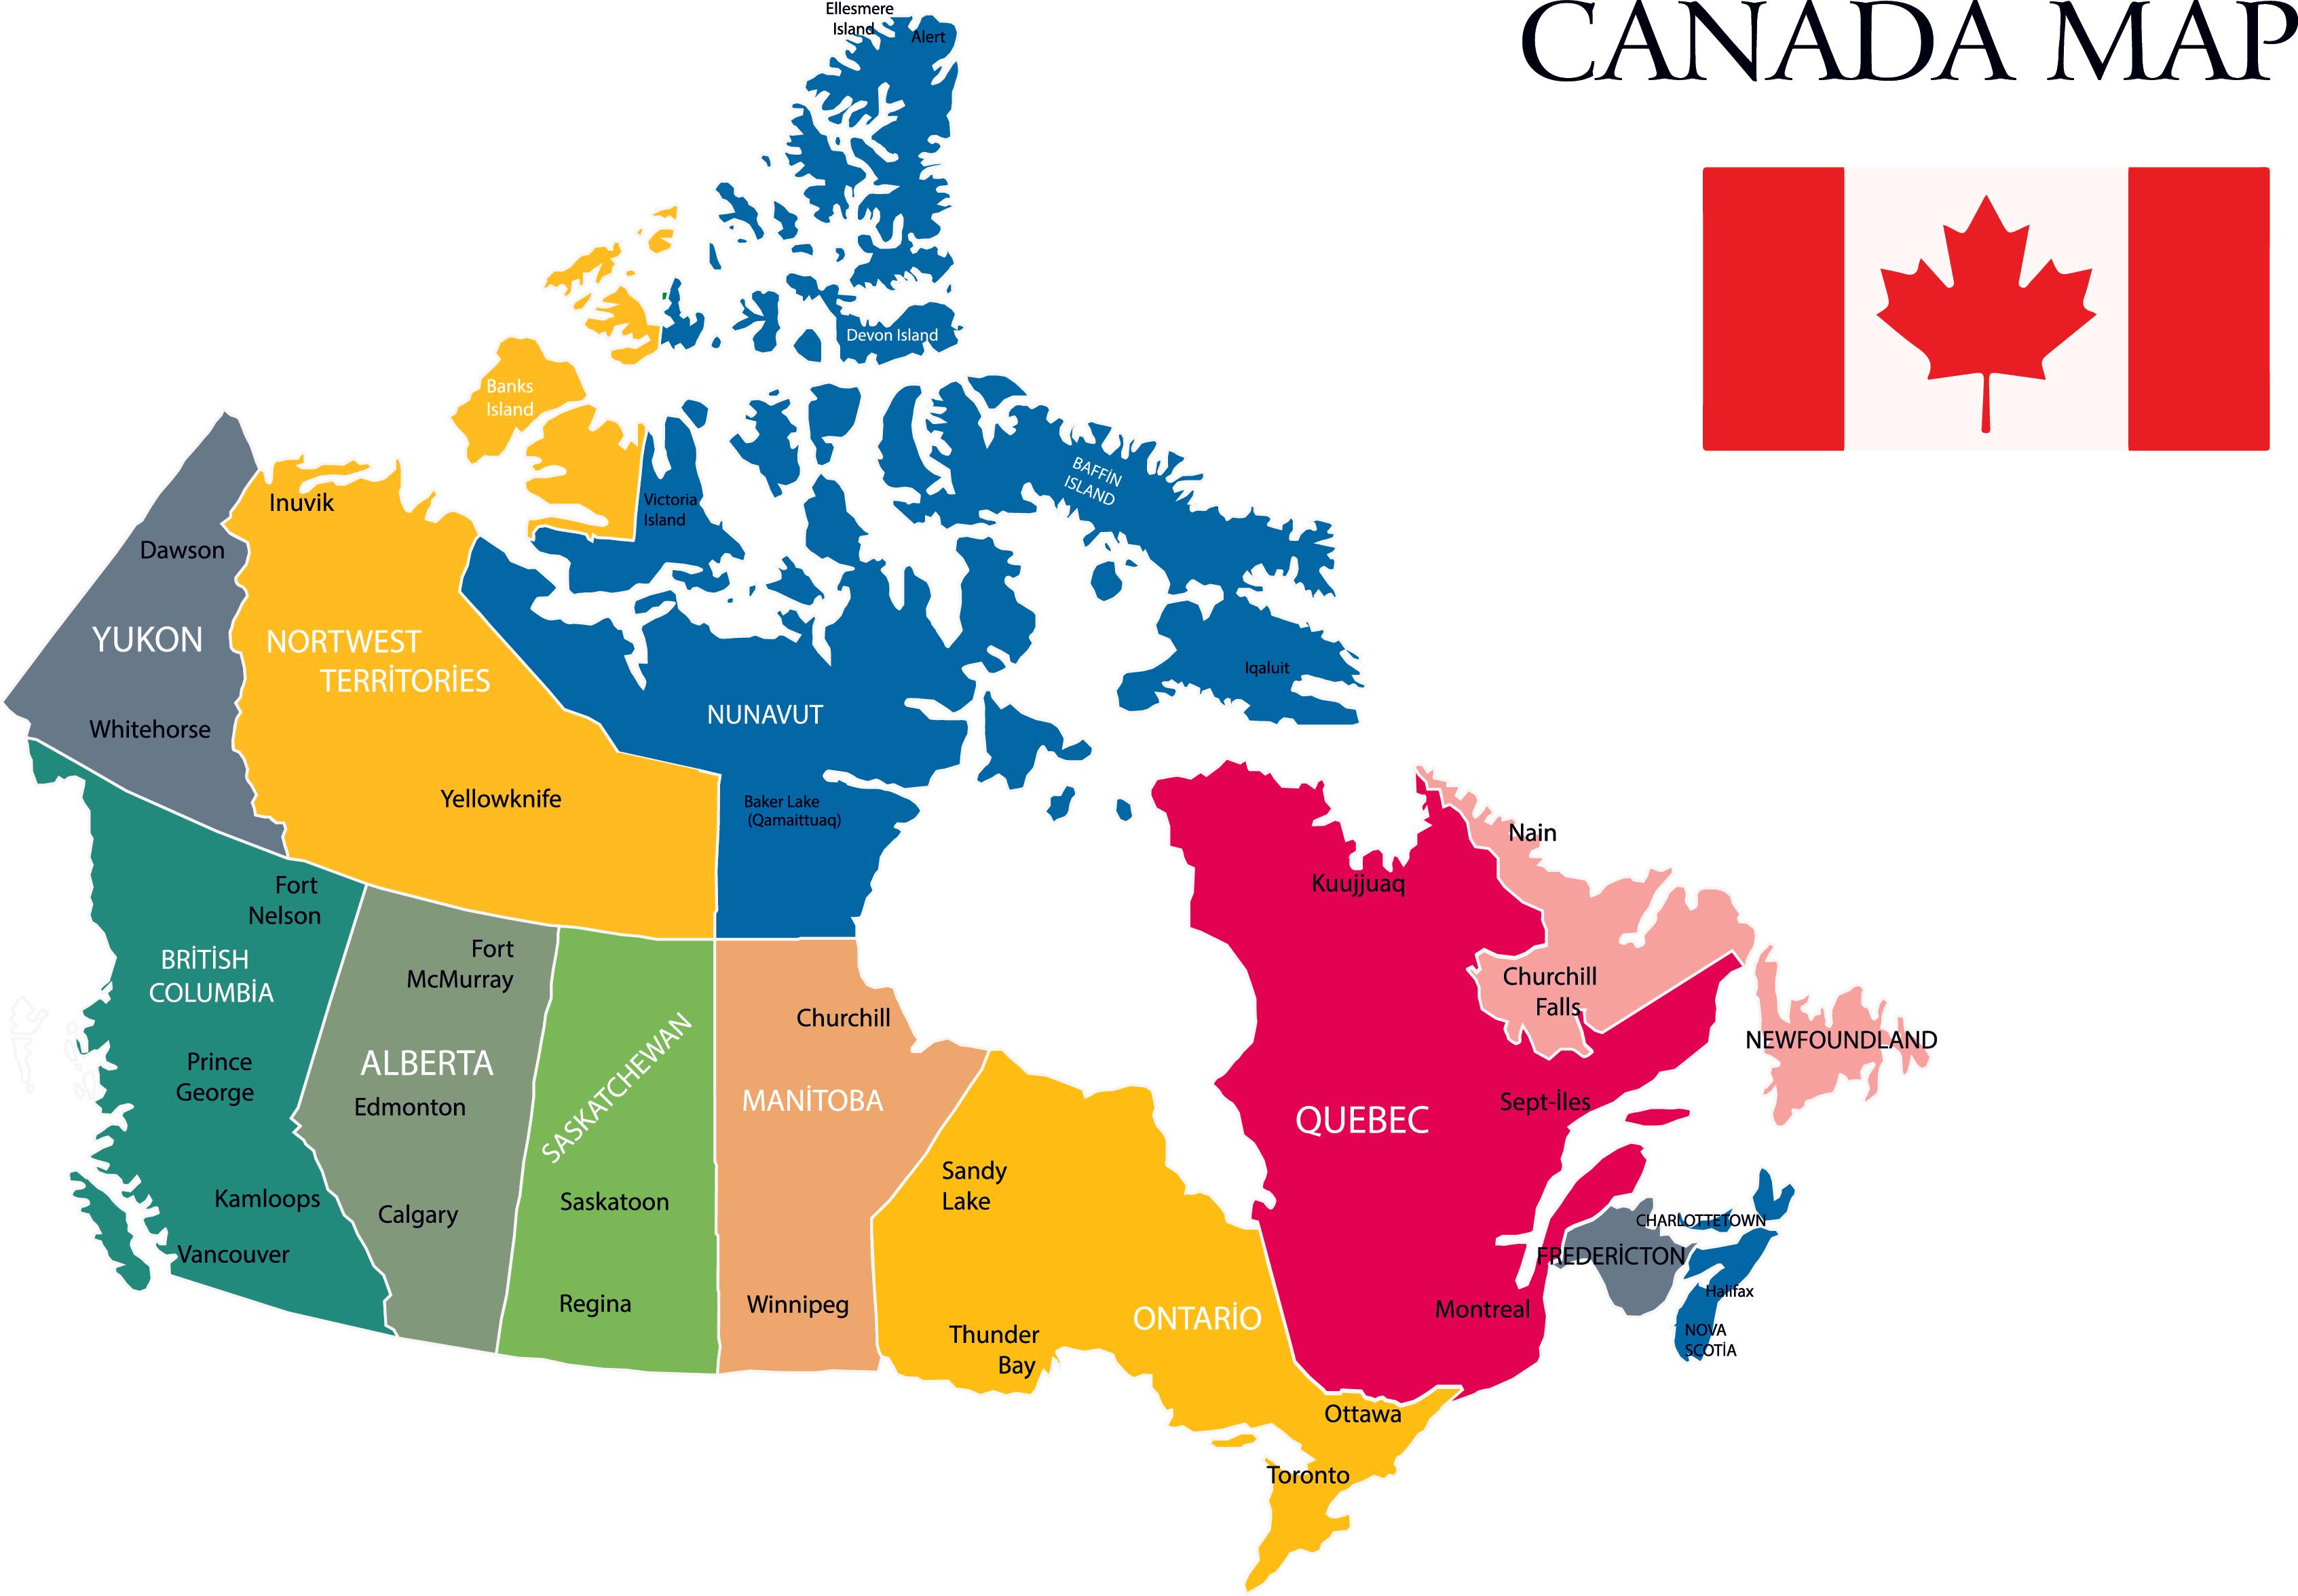 MAPPA DEL CANADA